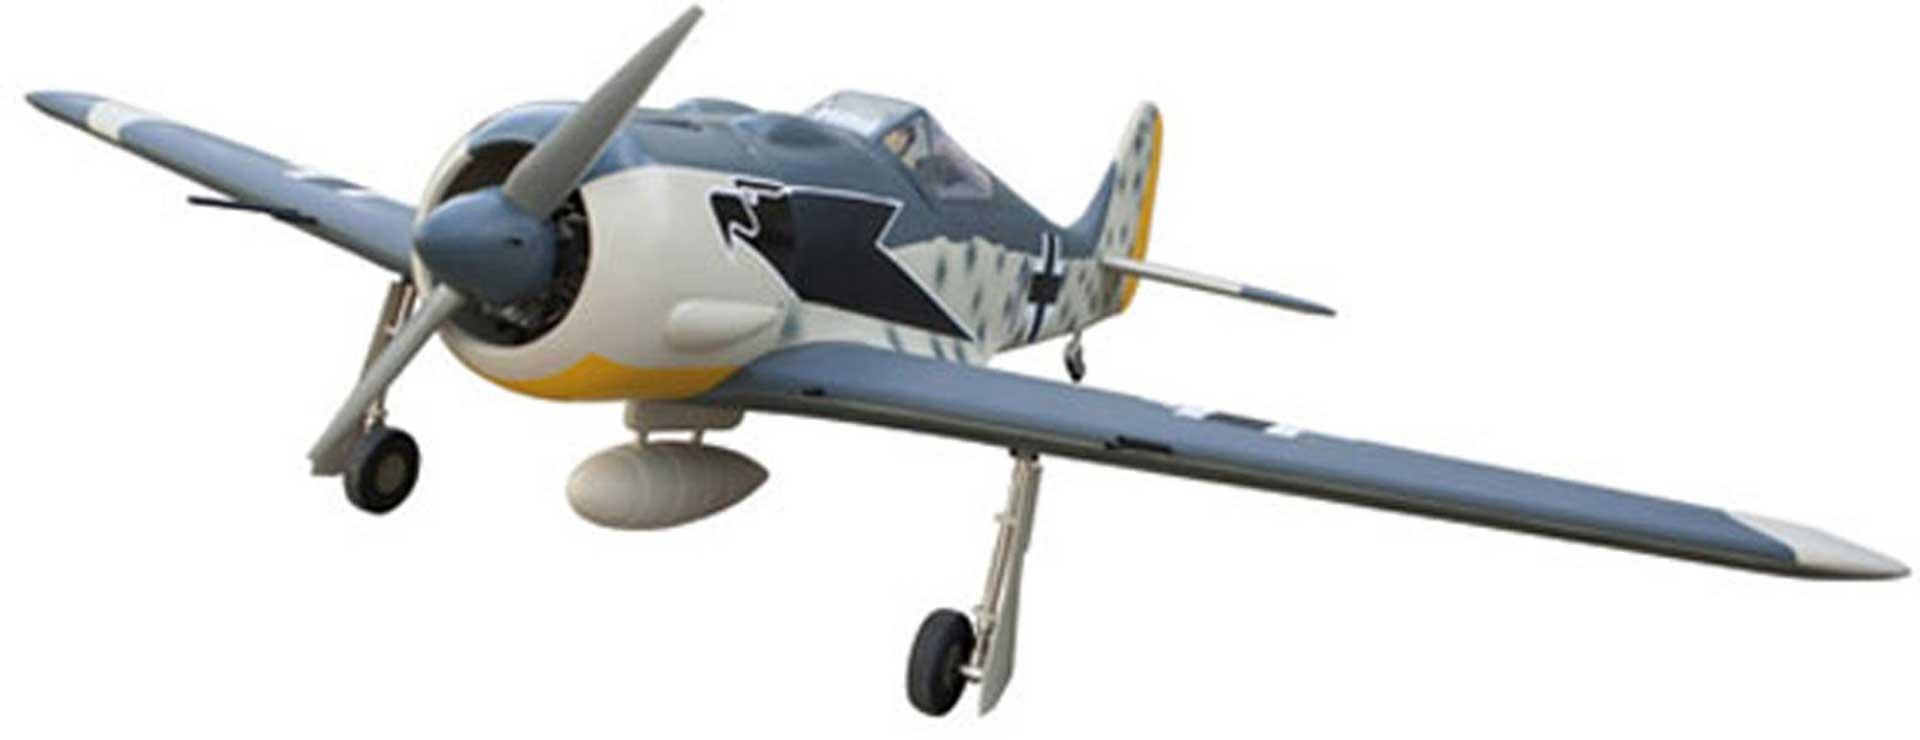 SG-MODELS FOCKE WULF FW-190 ARF WARBIRD IN HOLZBAUWEISE